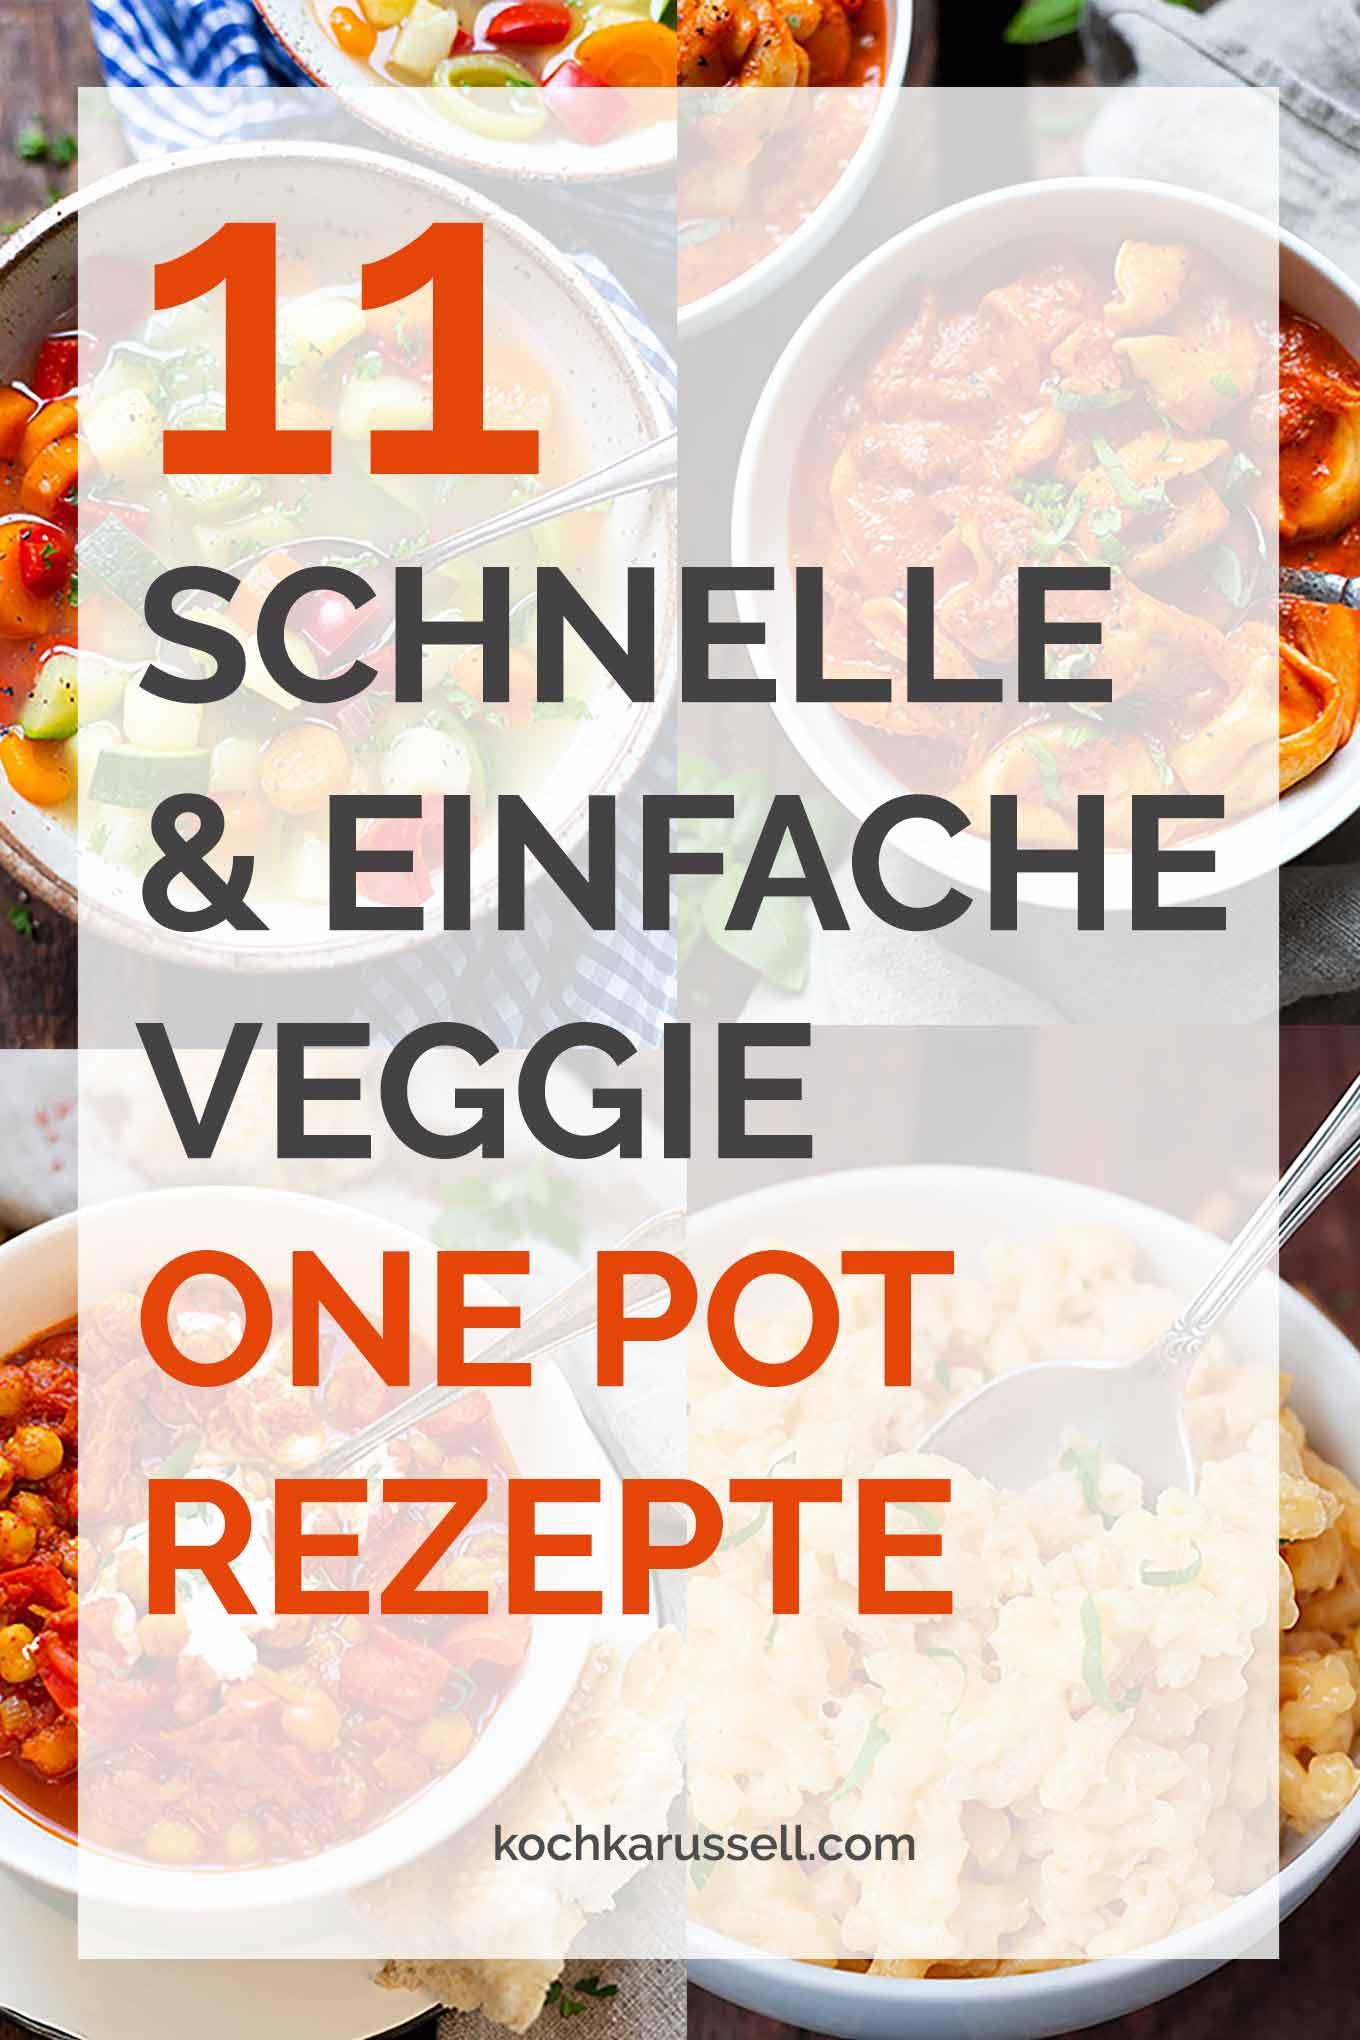 11 schnelle und einfache Veggie One Pot Rezepte. Diese praktischen, vegetarischen Rezepte aus einem Topf mit viel Gemüse wirst du lieben! - Kochkarussell.com #onepot #veggie #vegetarisch #rezept